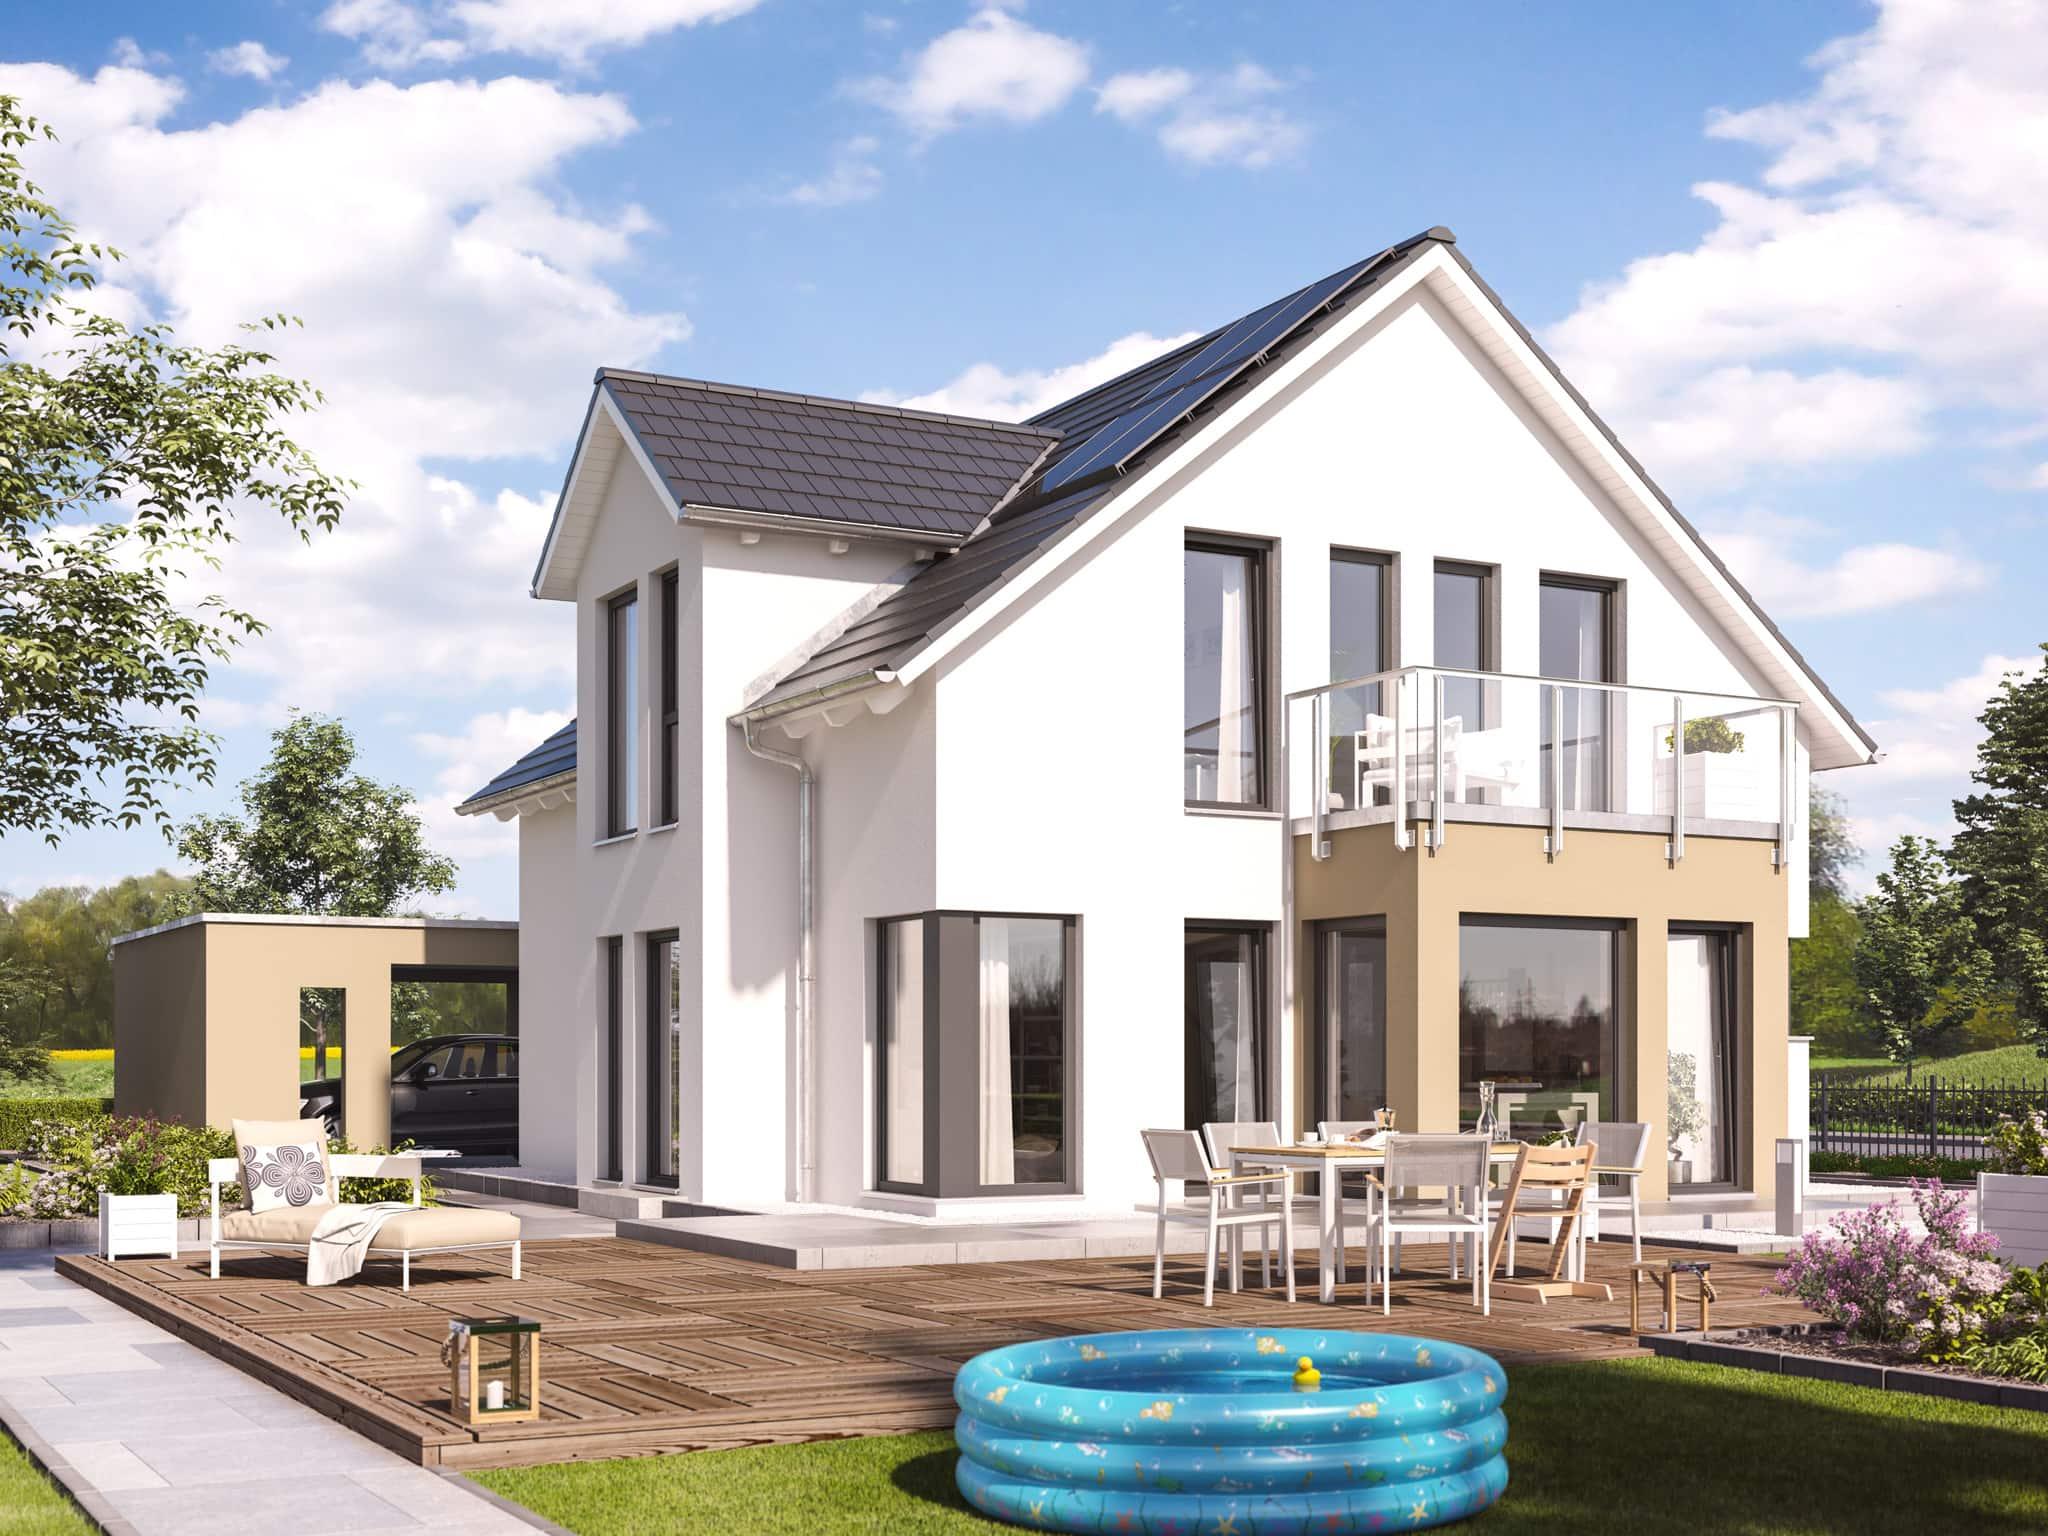 Einfamilienhaus mit Satteldach, Galerie & Carport, 5 Zimmer, 140 qm - Fertighaus Living Haus SUNSHINE 144 V3 - HausbauDirekt.de